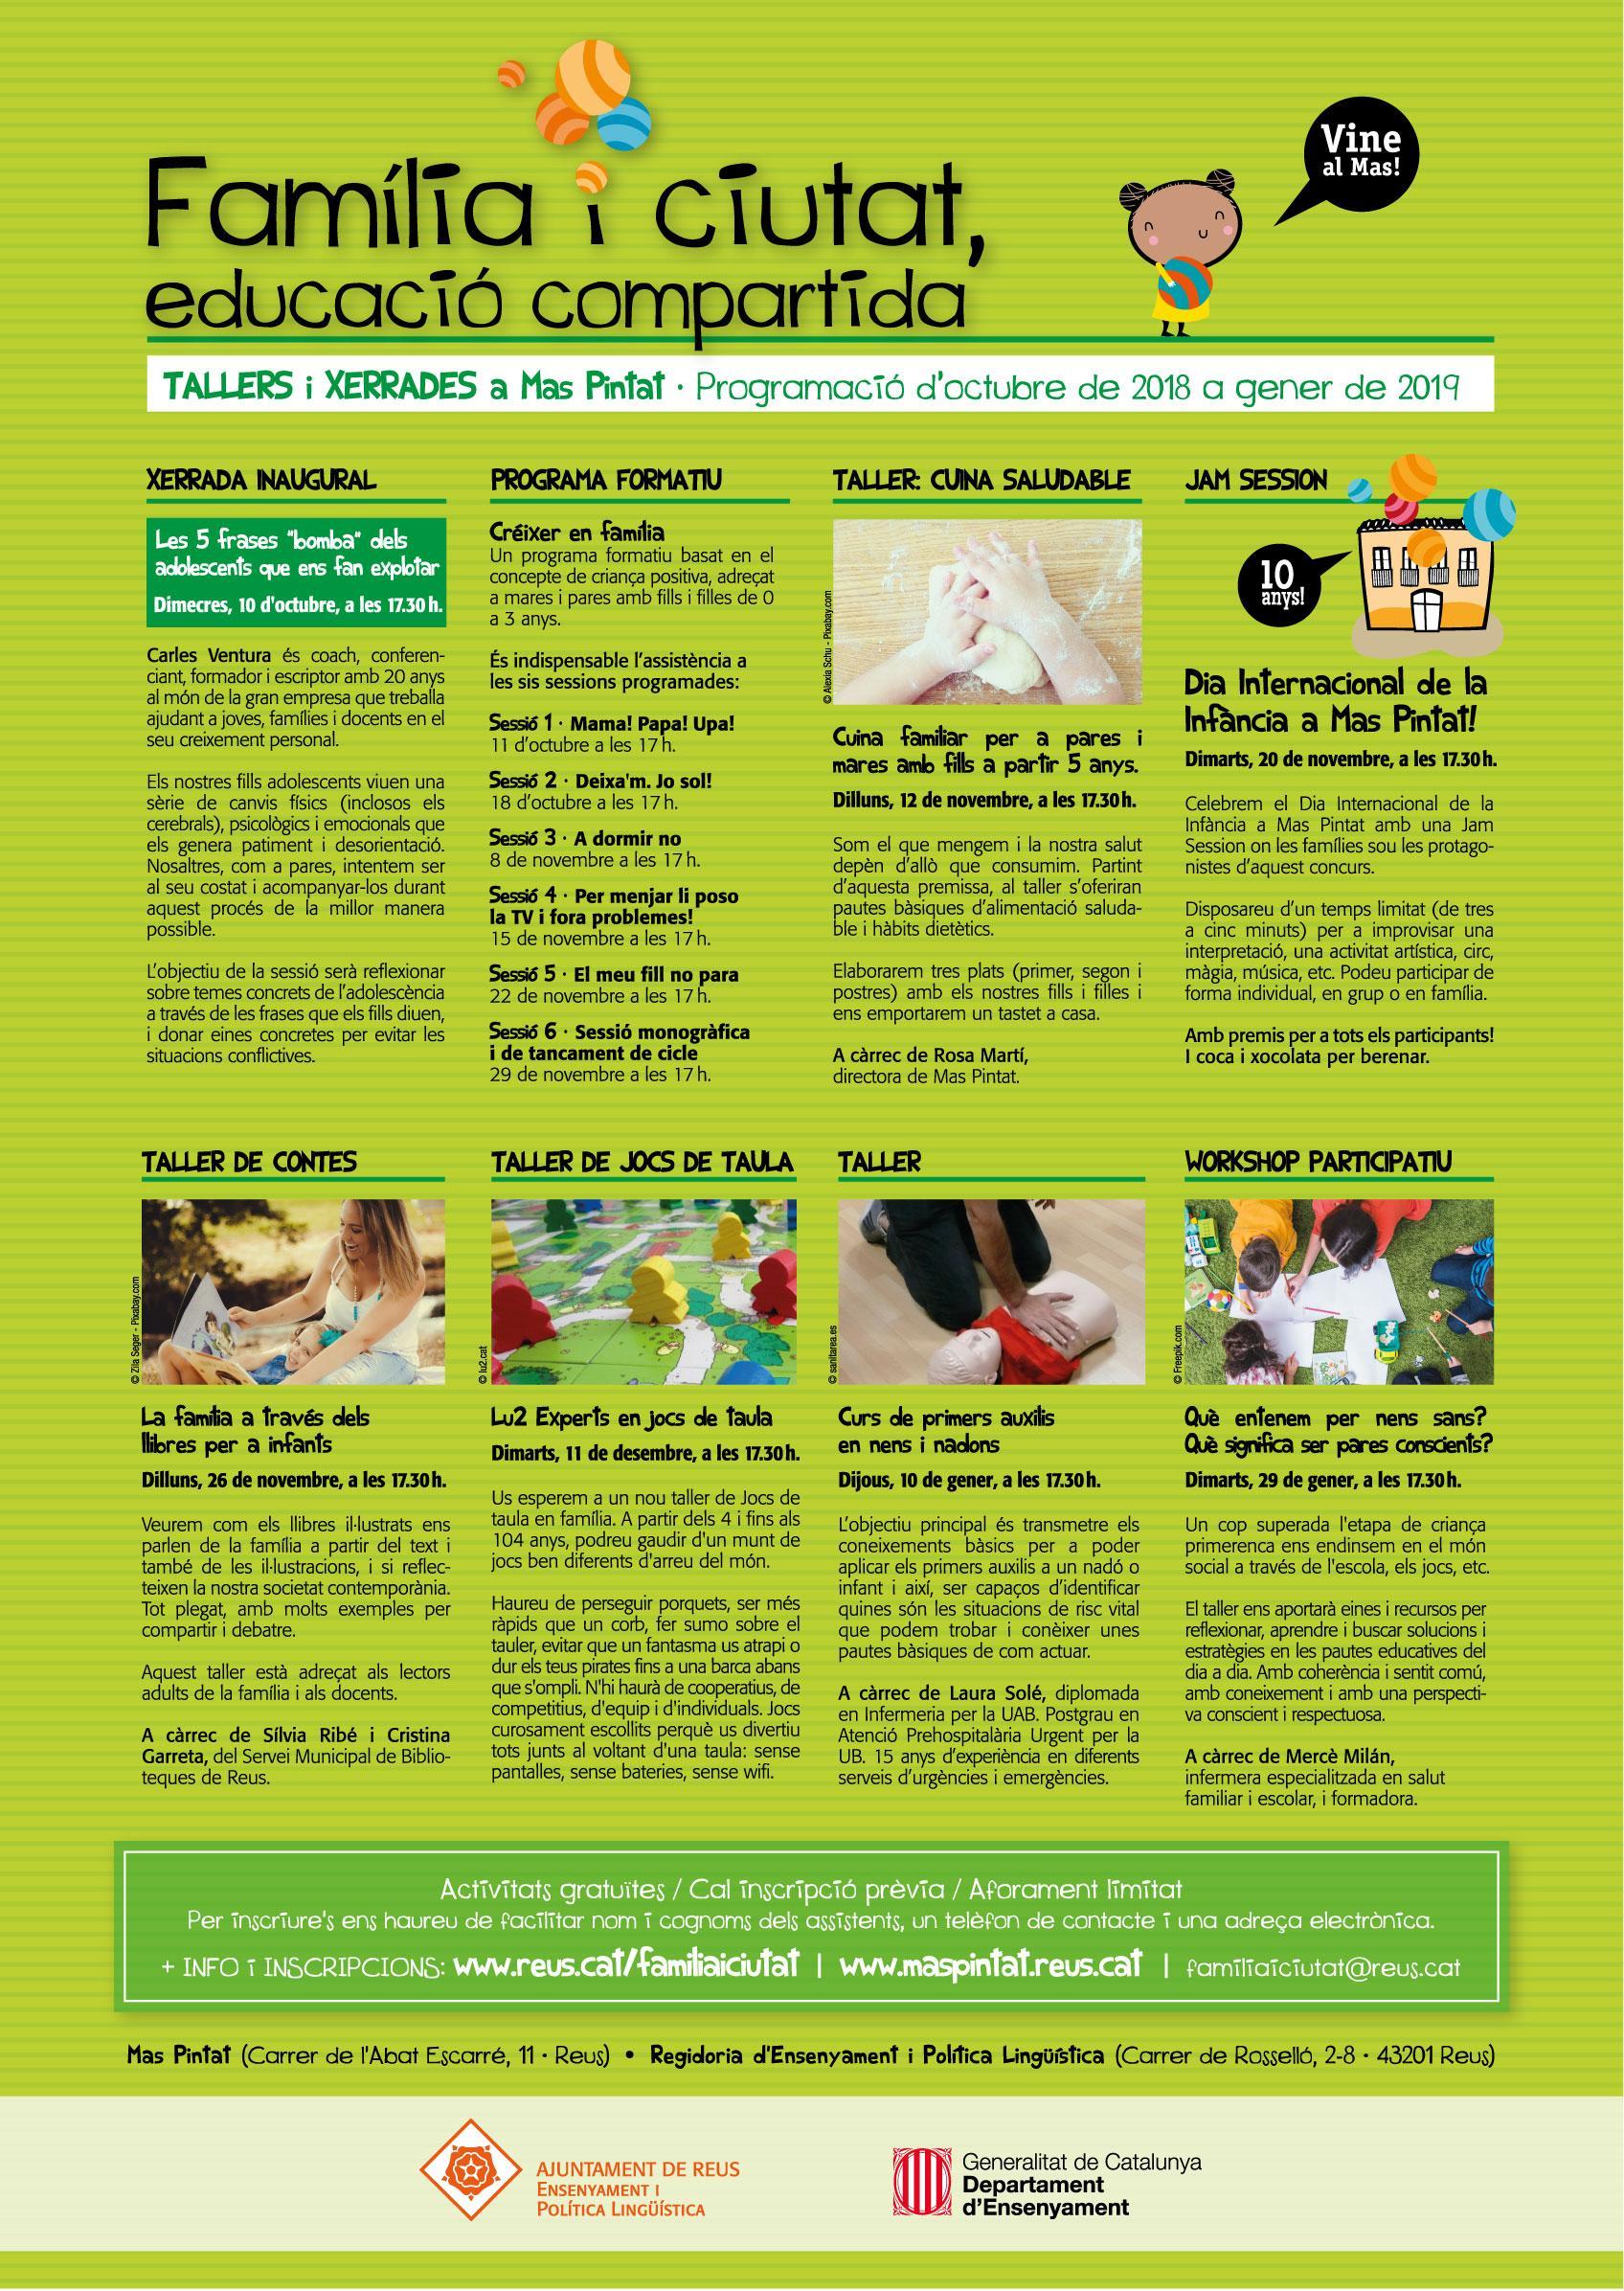 Programa Família i ciutat, educació compartida